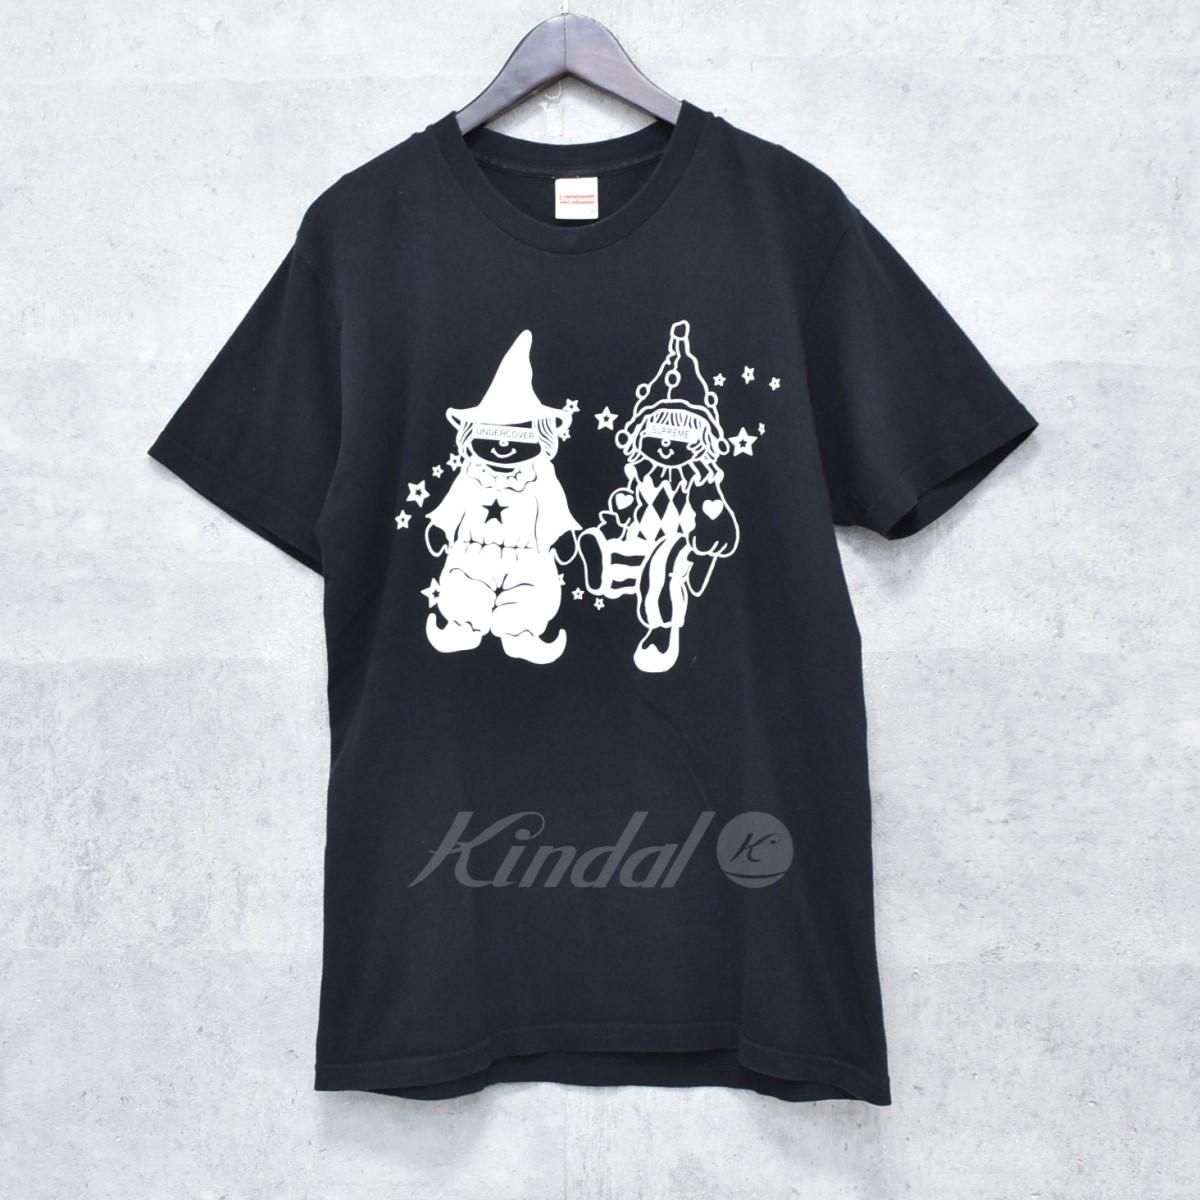 【中古】SUPREME × UNDERCOVER 16AW プリントTシャツ DollTee ブラック サイズ:M 【送料無料】 【041118】(シュプリーム アンダーカバー)